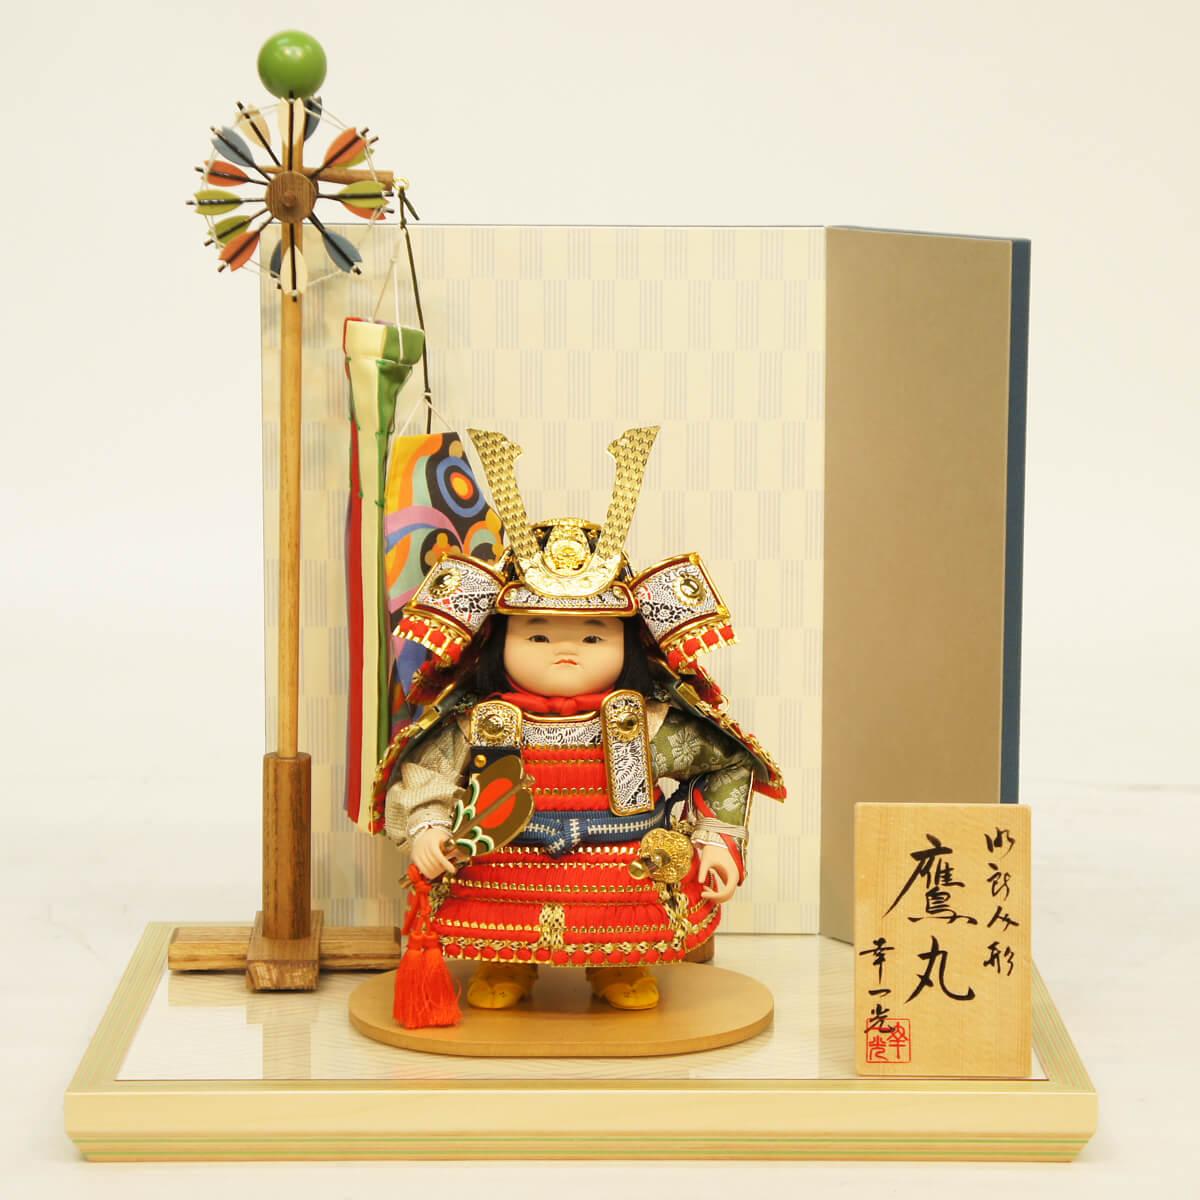 五月人形 幸一光 子供大将飾り 鷹丸 (たかまる) 鎧着セット ≪GOKI-5030≫コンパクト おしゃれ 子供大将飾り 武者人形 子供大将飾り 五月人形